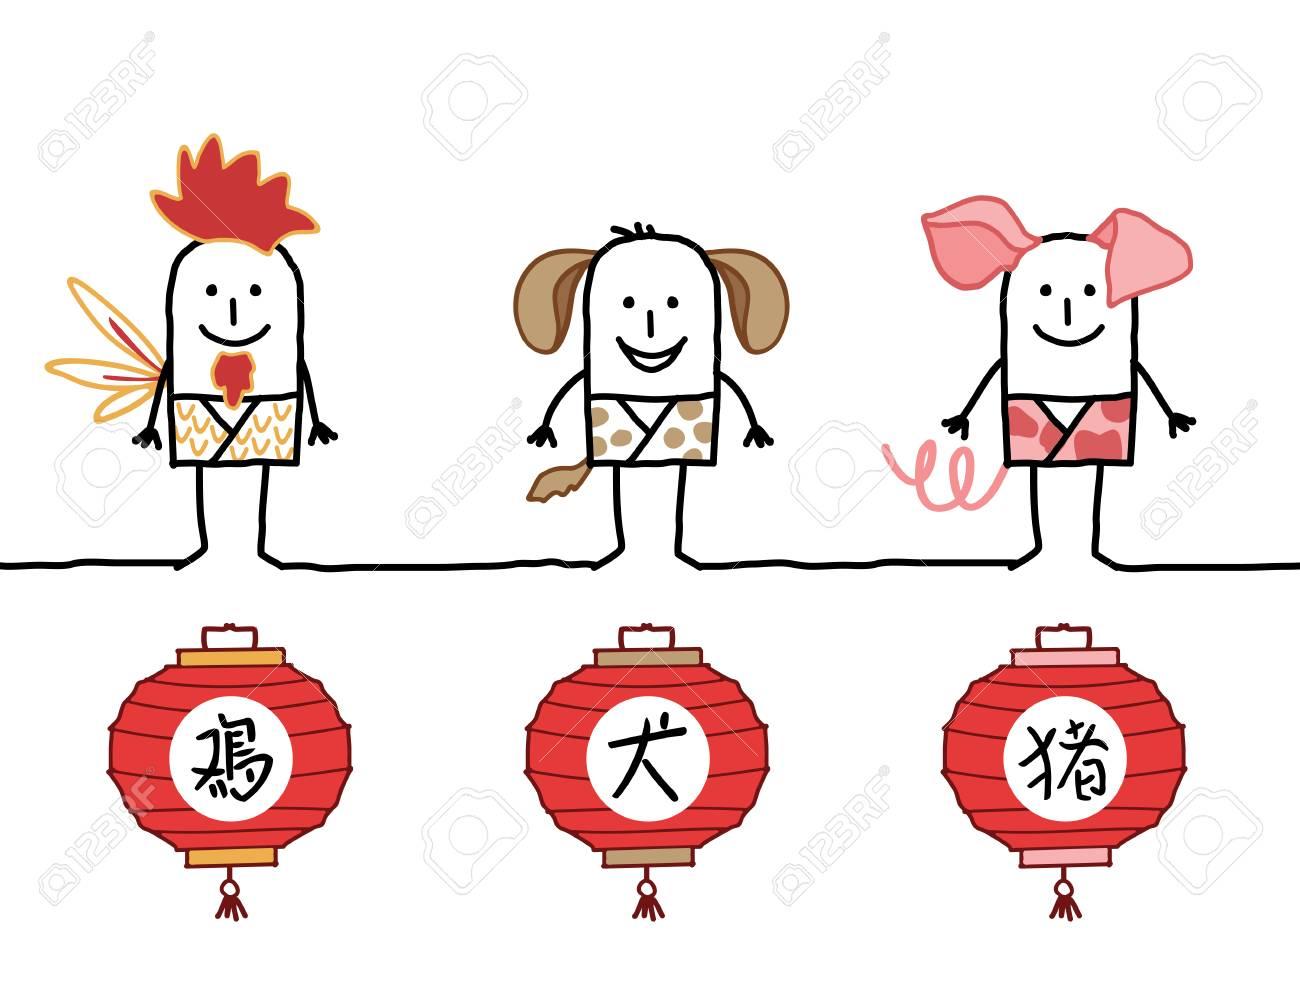 Dessin De Signe Chinois astrologie de dessin animé signes chinois 4 banque d'images et